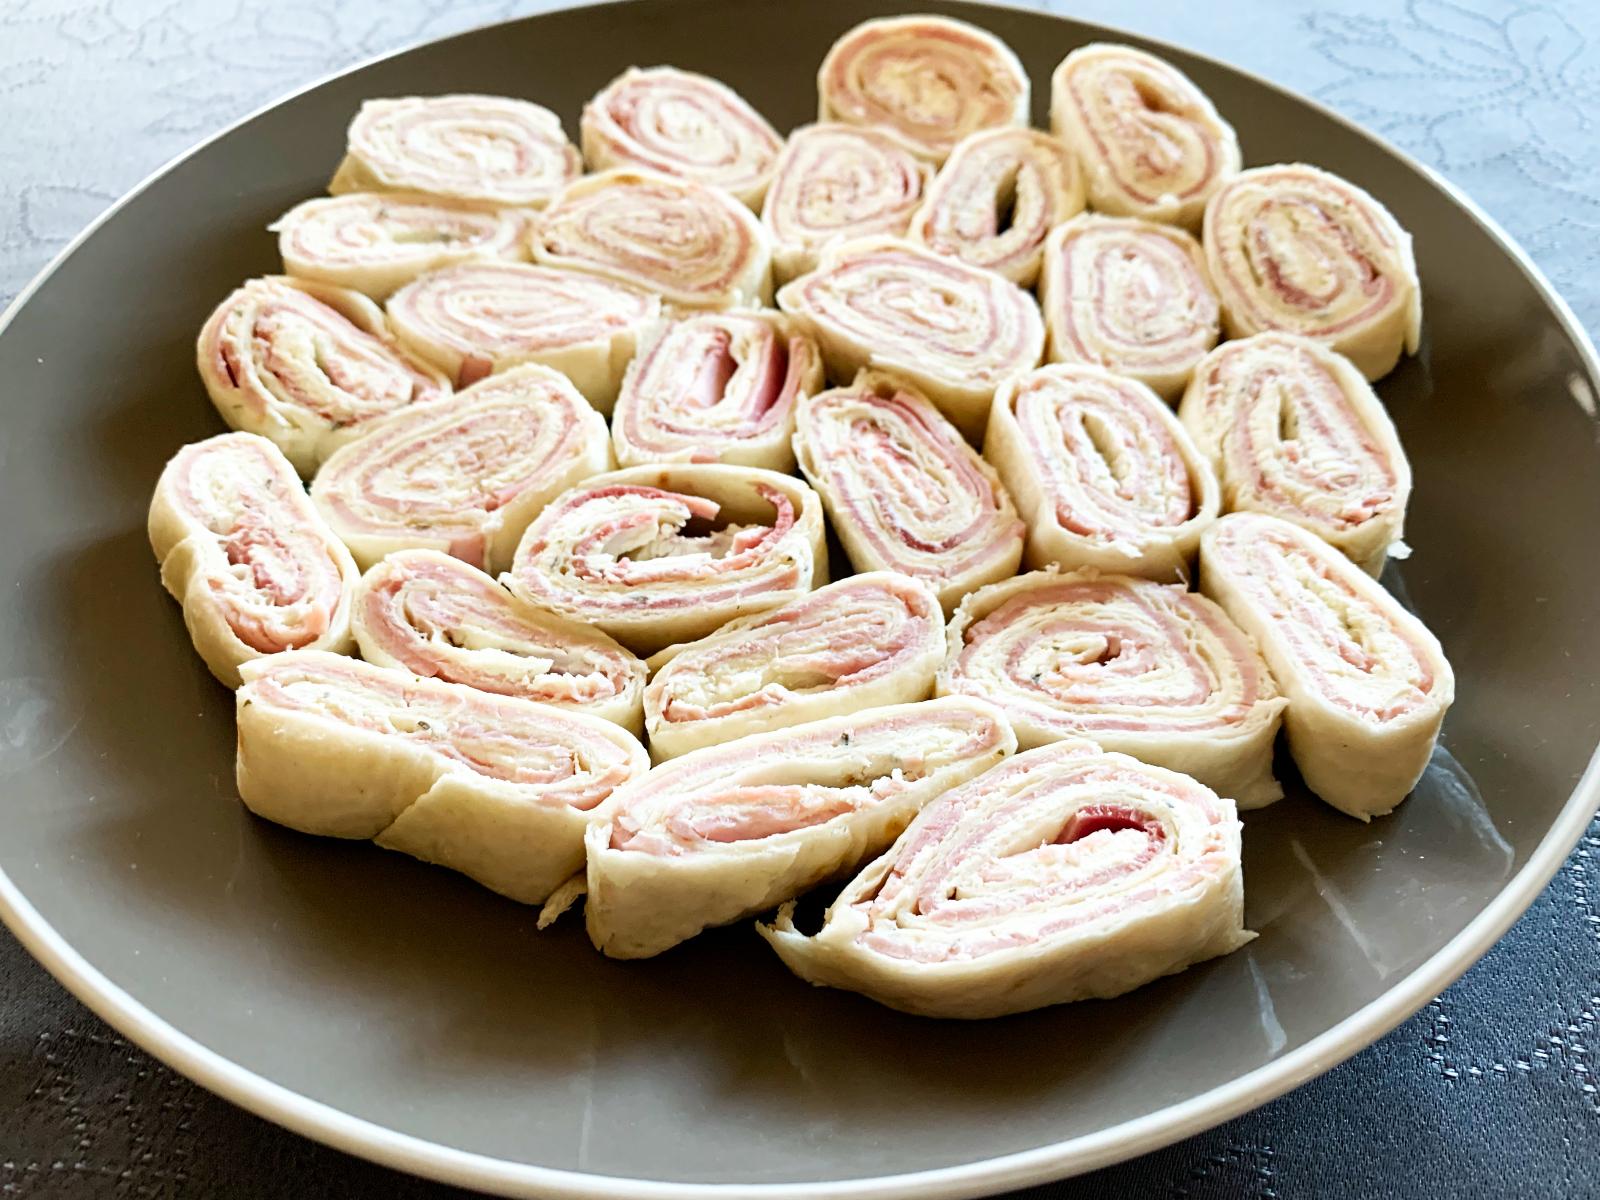 IMG 6614 - Roulés apéritifs (jambon, fromage, saumon... au choix !)